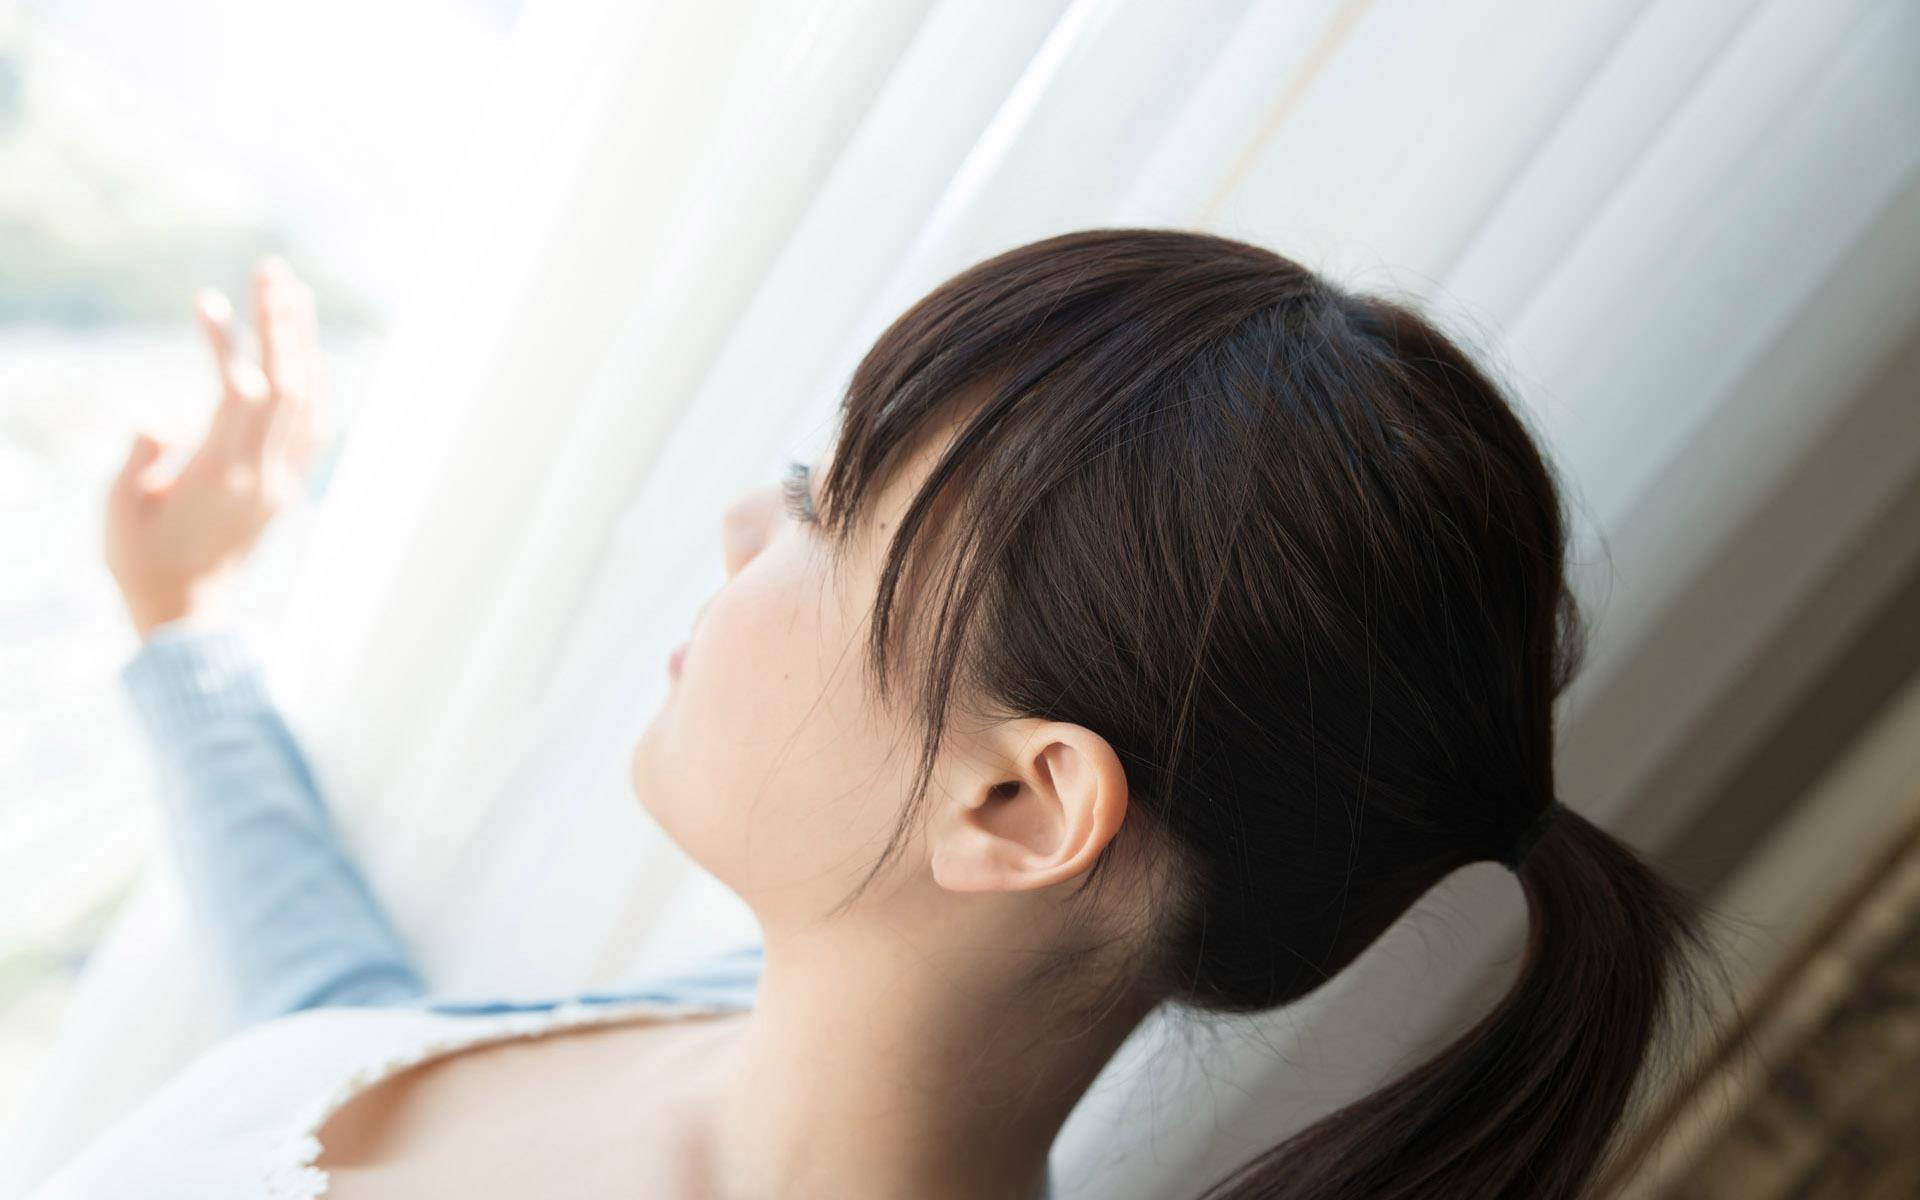 浜崎真緒(はまさきまお) ロリ顔ポニーテール、色白柔らかそうなおっぱいに包まれるセックスAV女優画像 143枚 No.35